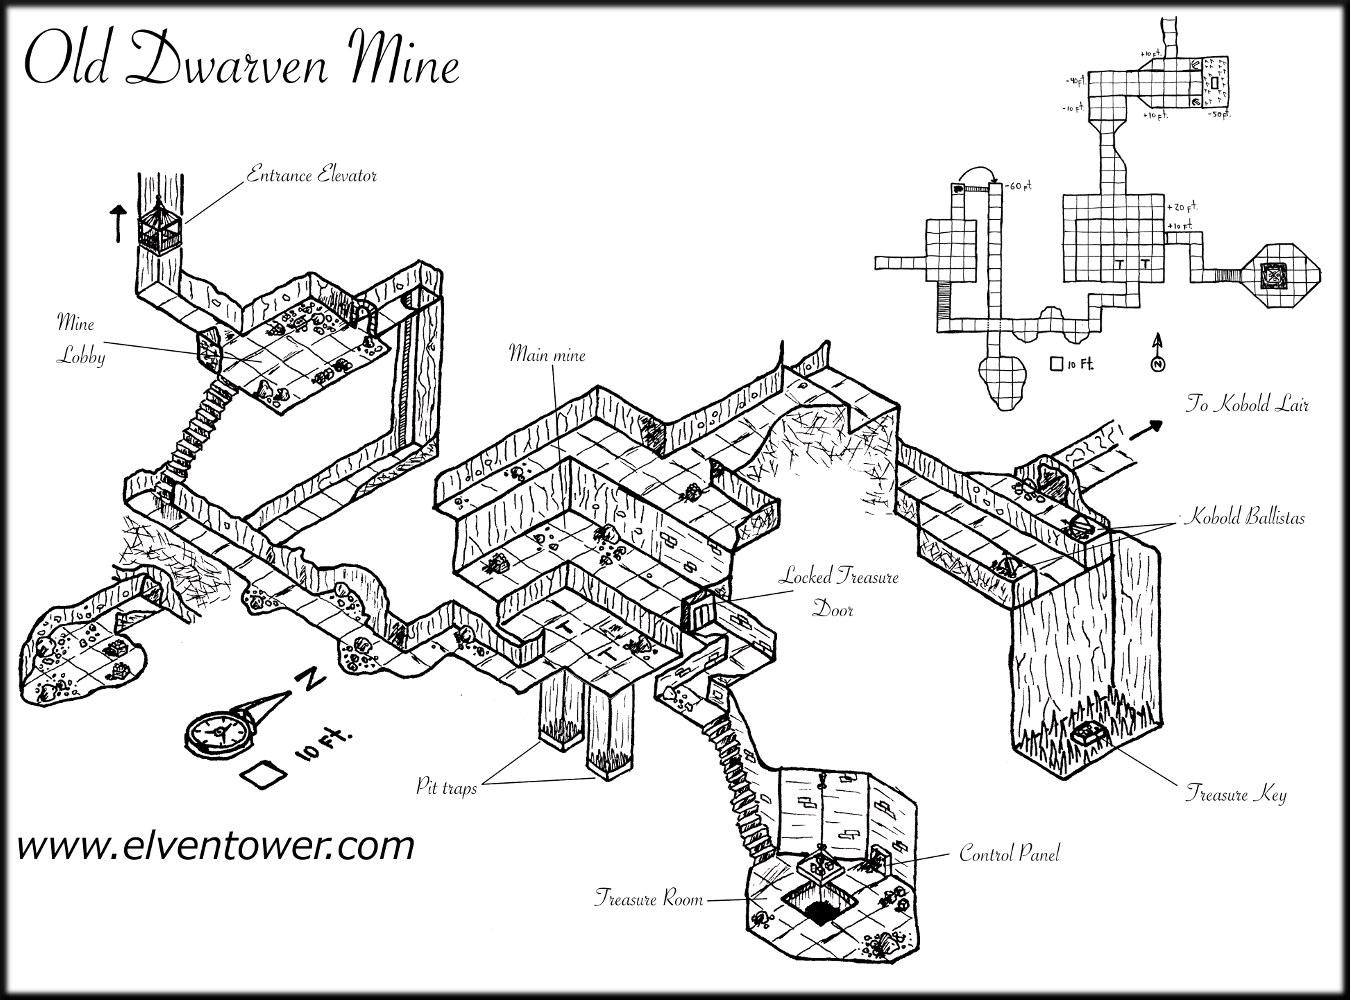 36-old-dwarven-minel